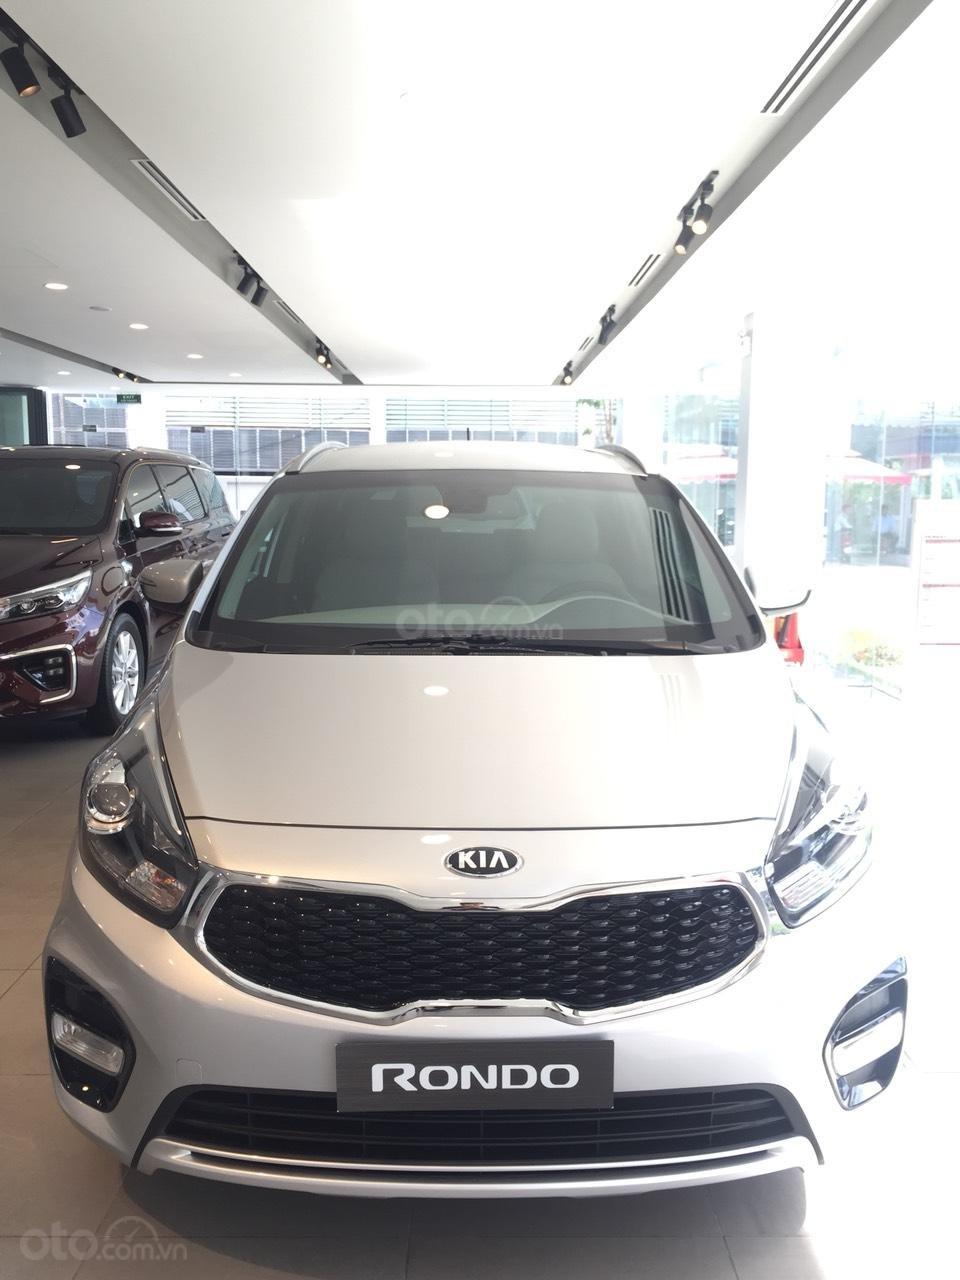 Bán xe Kia Rondo sản xuất năm 2019-0